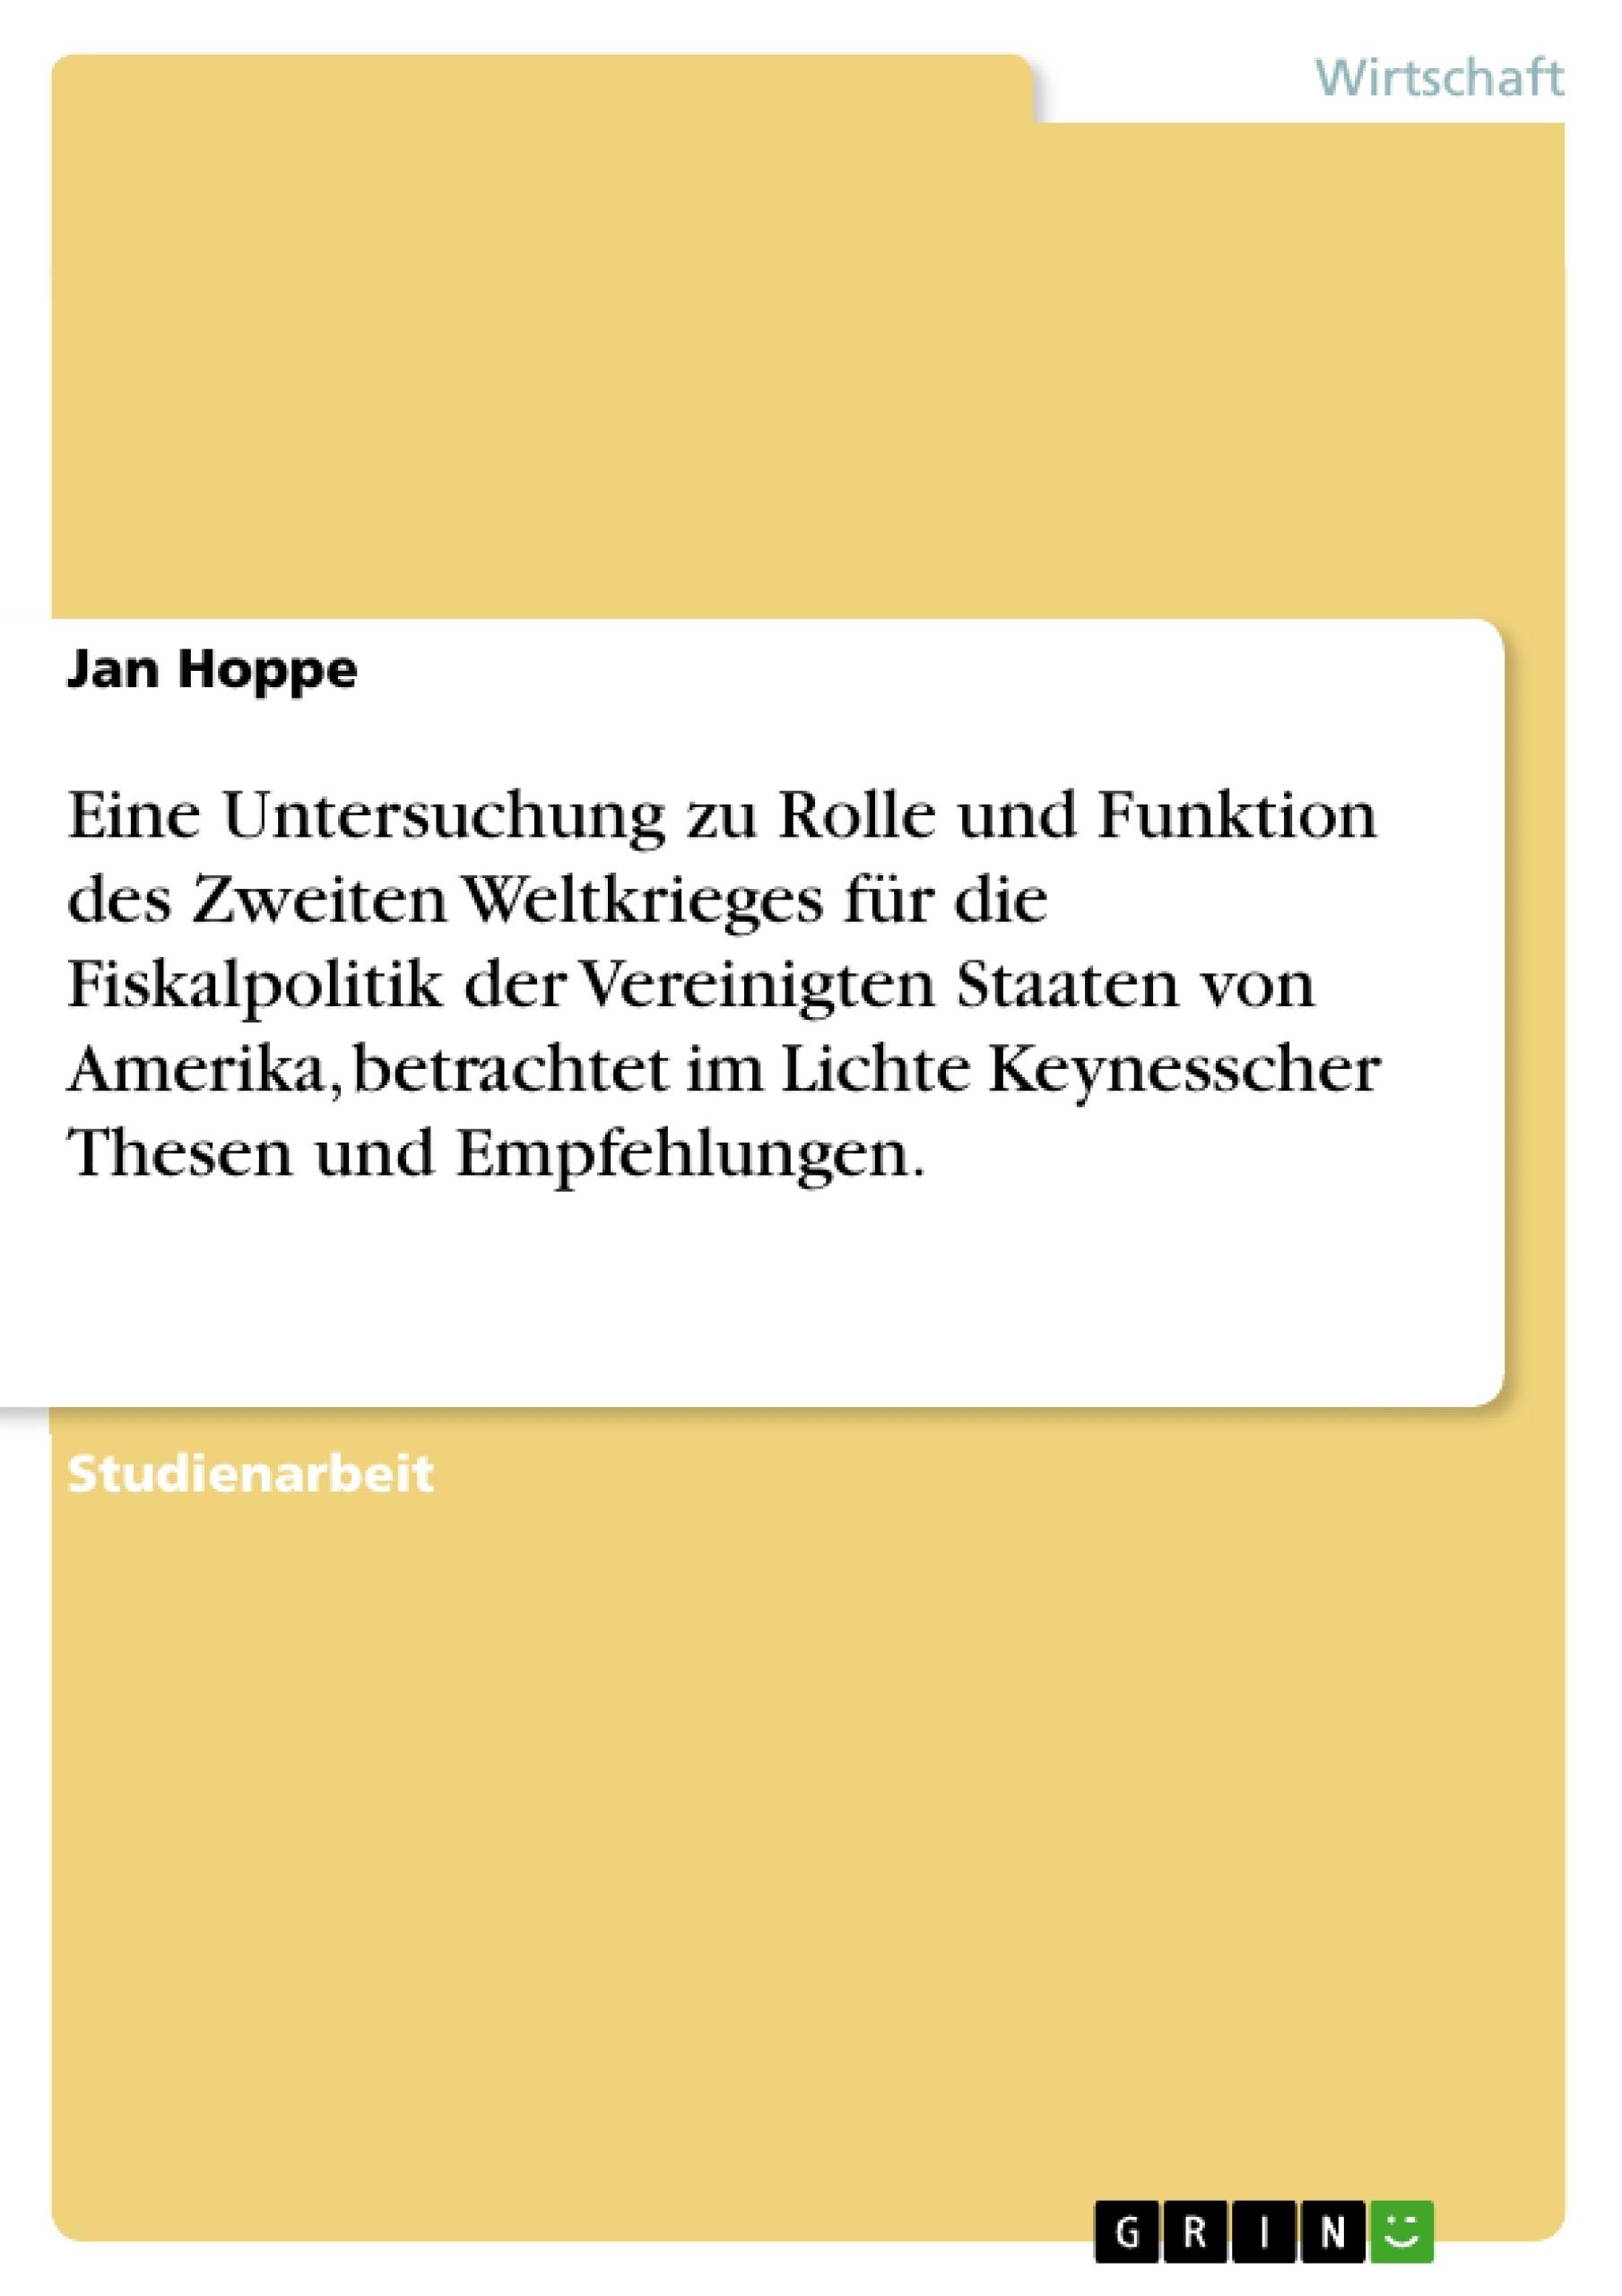 Titel: Eine Untersuchung zu Rolle und Funktion des Zweiten Weltkrieges für die Fiskalpolitik der Vereinigten Staaten von Amerika, betrachtet im Lichte Keynesscher Thesen und Empfehlungen.